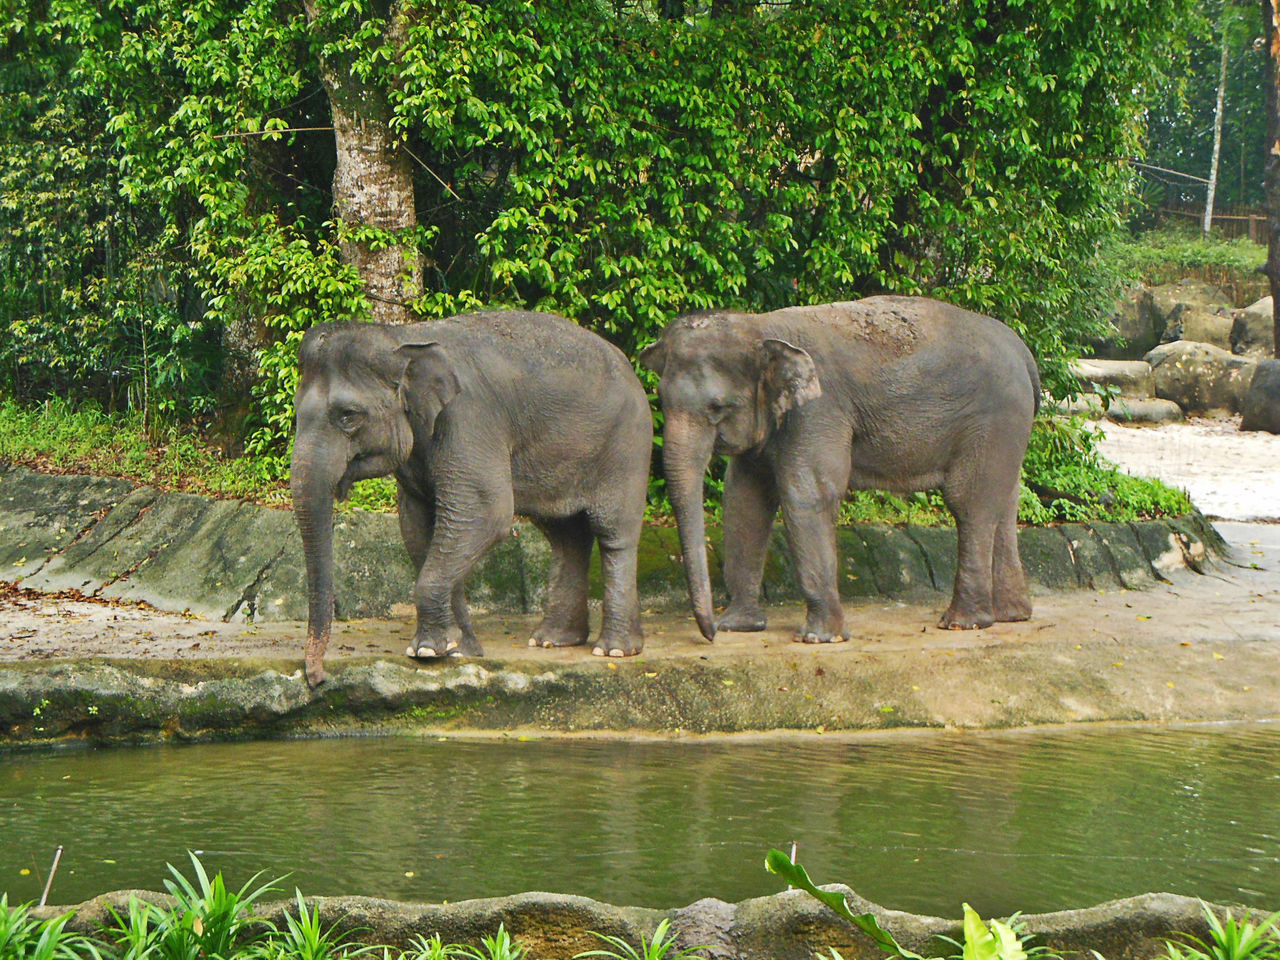 Animal Themes Animal Wildlife DUMBO Elephant Indian Elephant Mates For Life Singapore Zoological Garden Togetherness